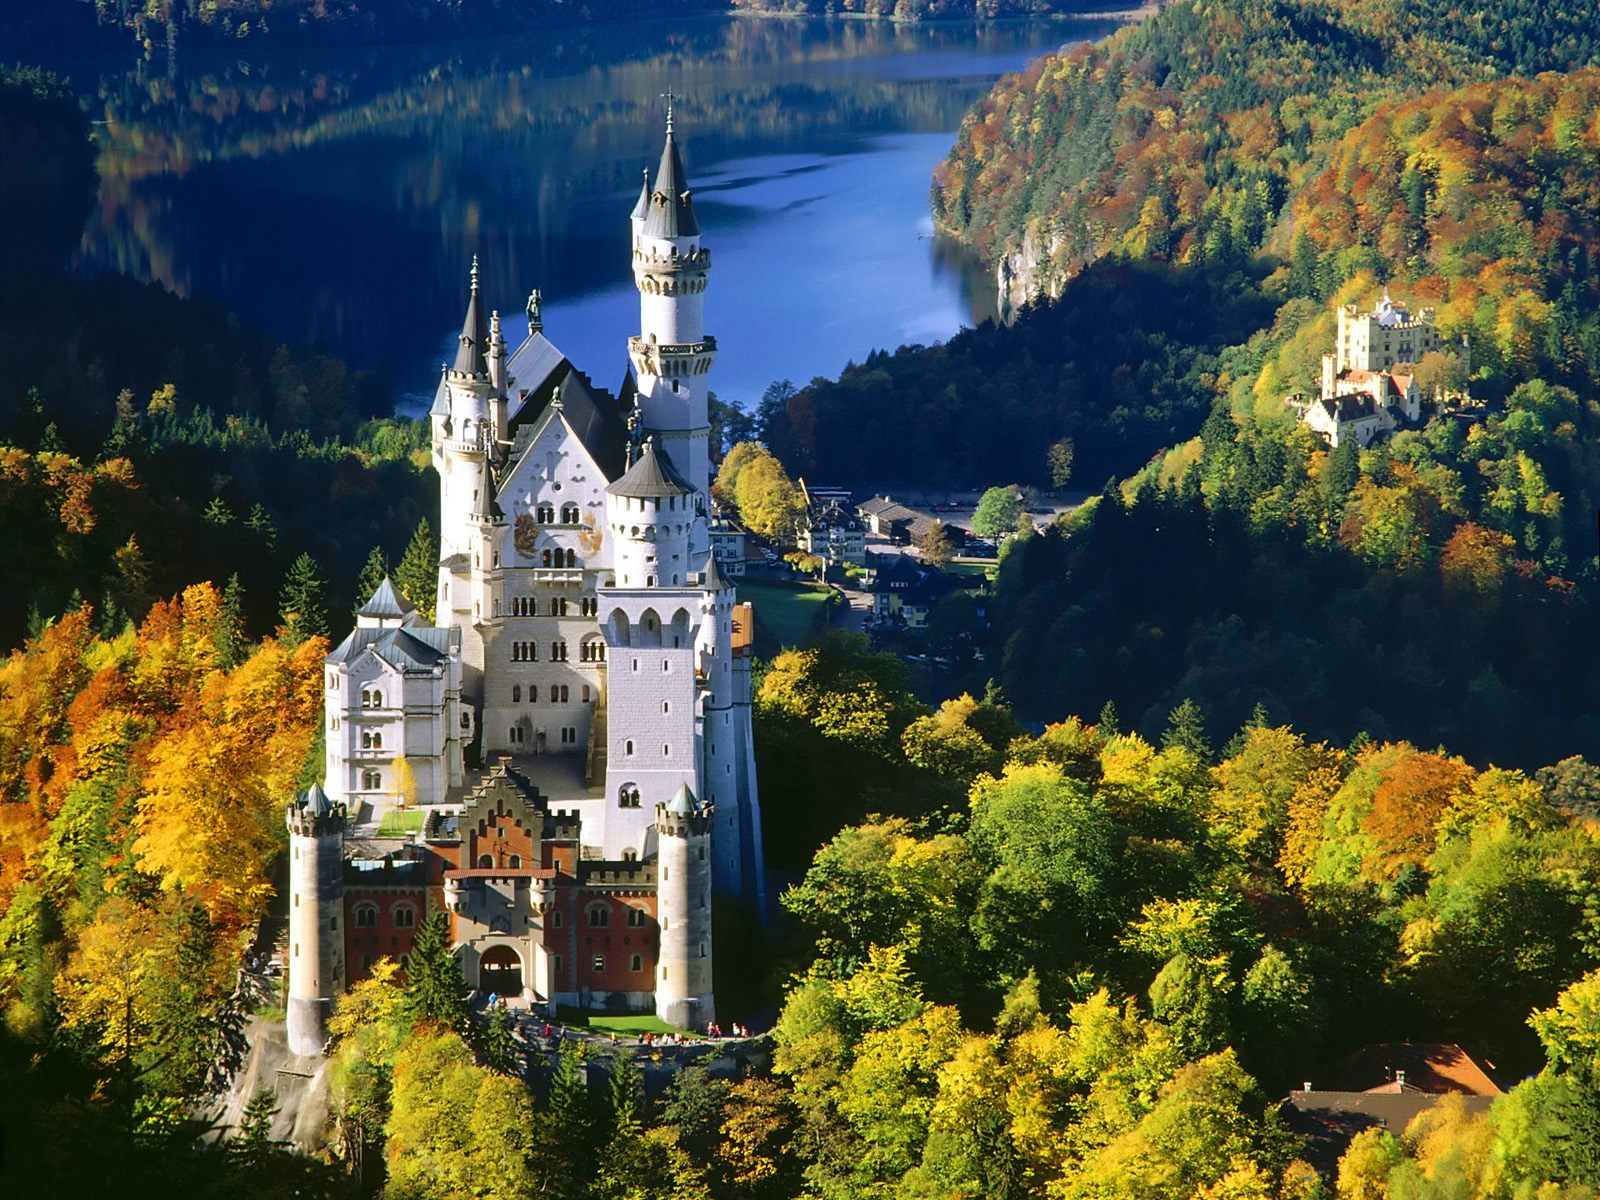 Обои юго-западная, бавария, германия, замок. Города foto 14